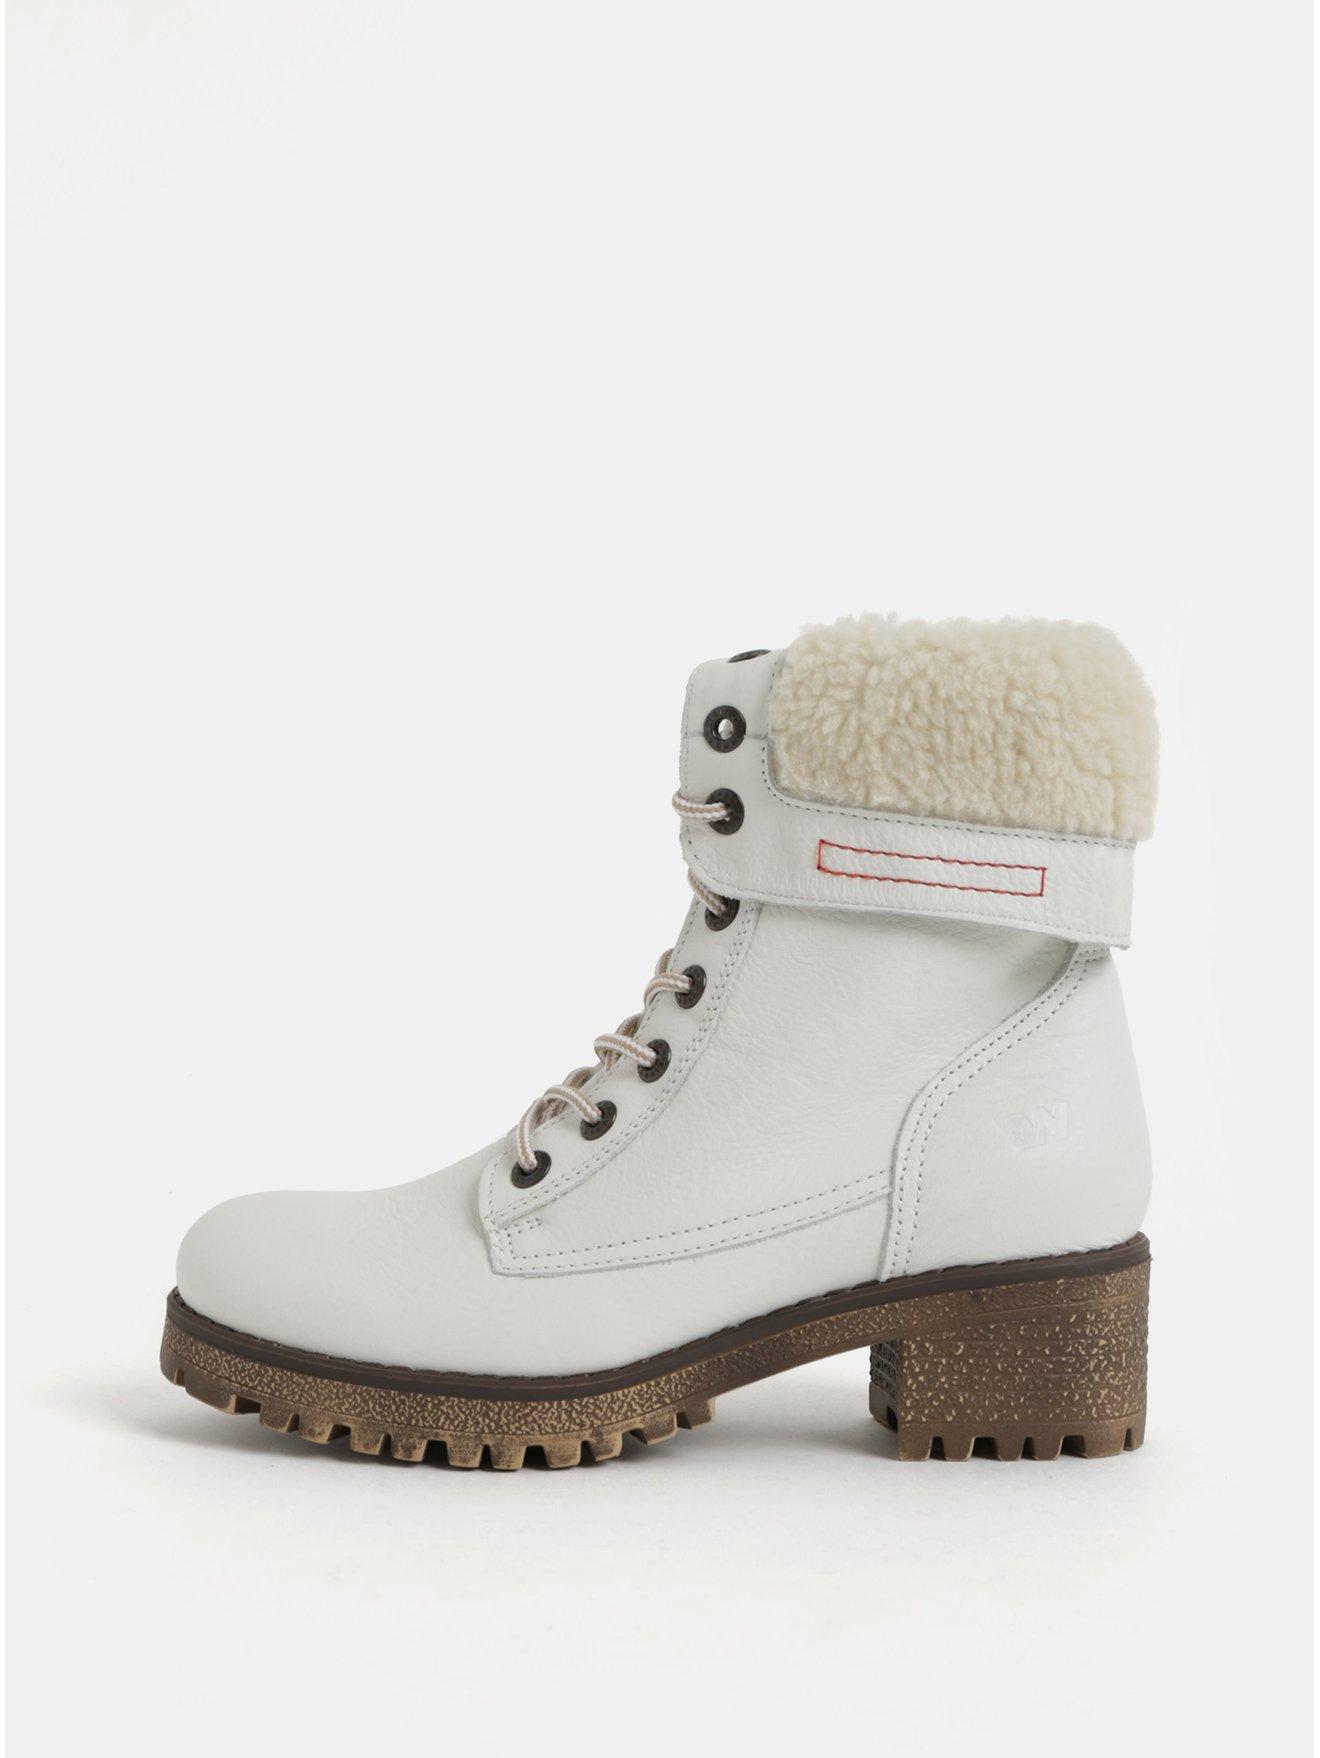 ae9eec11eccf4 Biele dámske kožené členkové zimné topánky na podpätku Weinbrenner ...